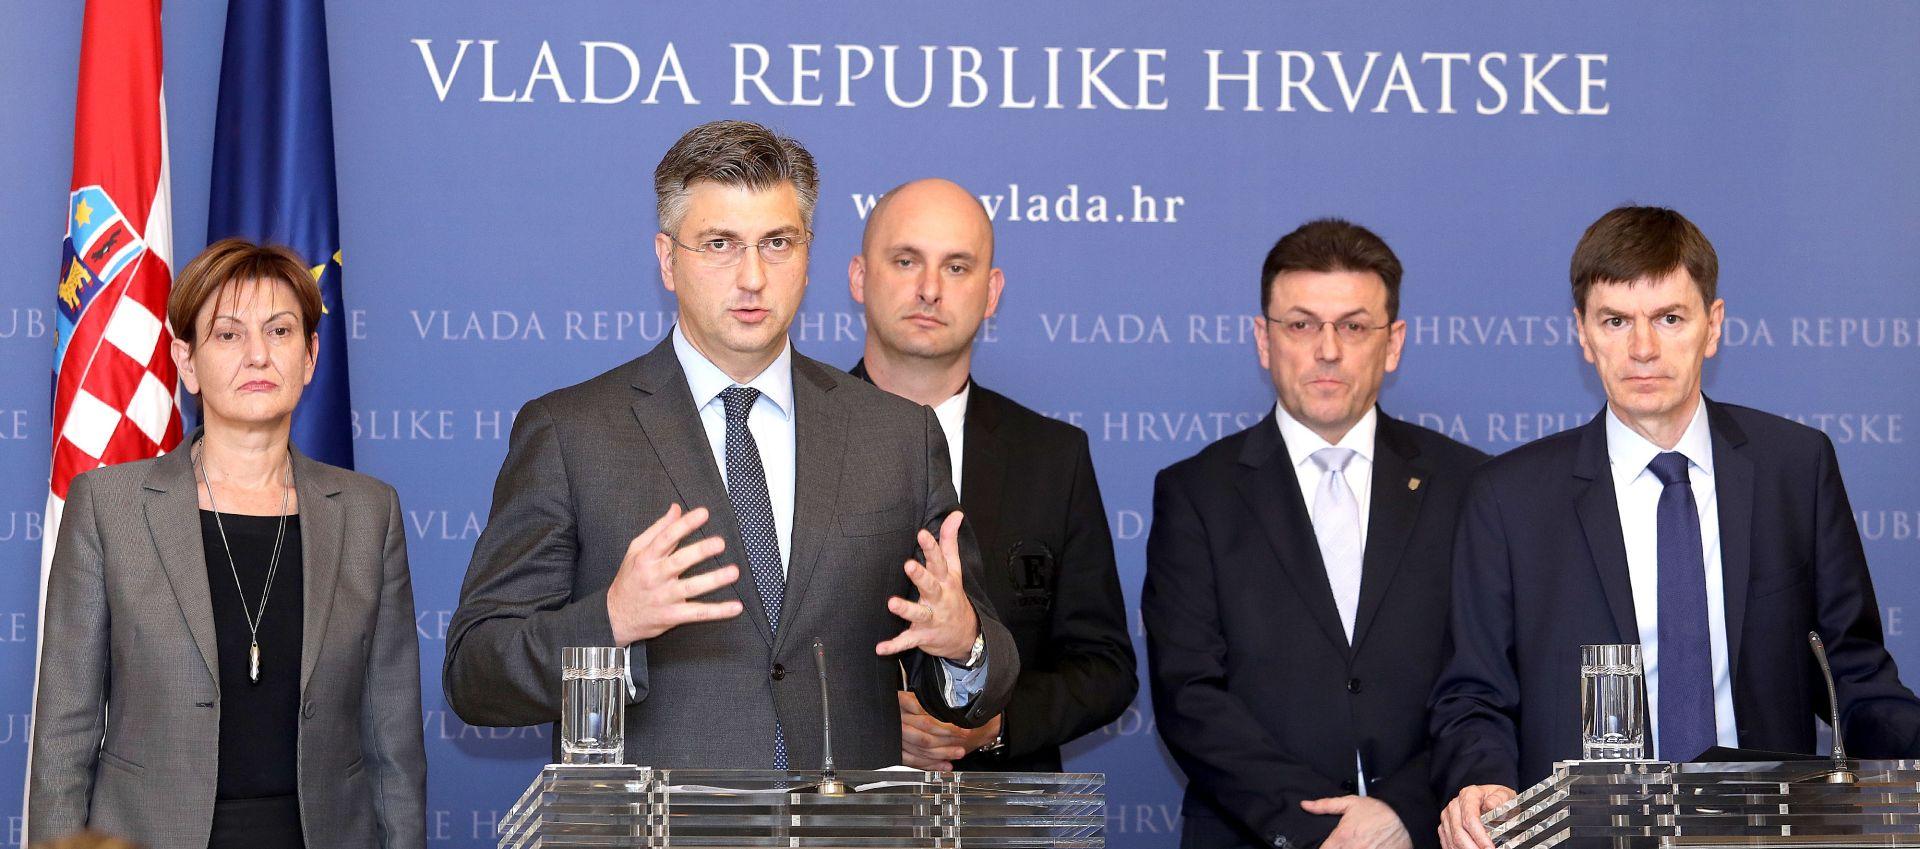 PLENKOVIĆ 'Vlada želi podržati svaki napor koji će dovesti do dogovora'